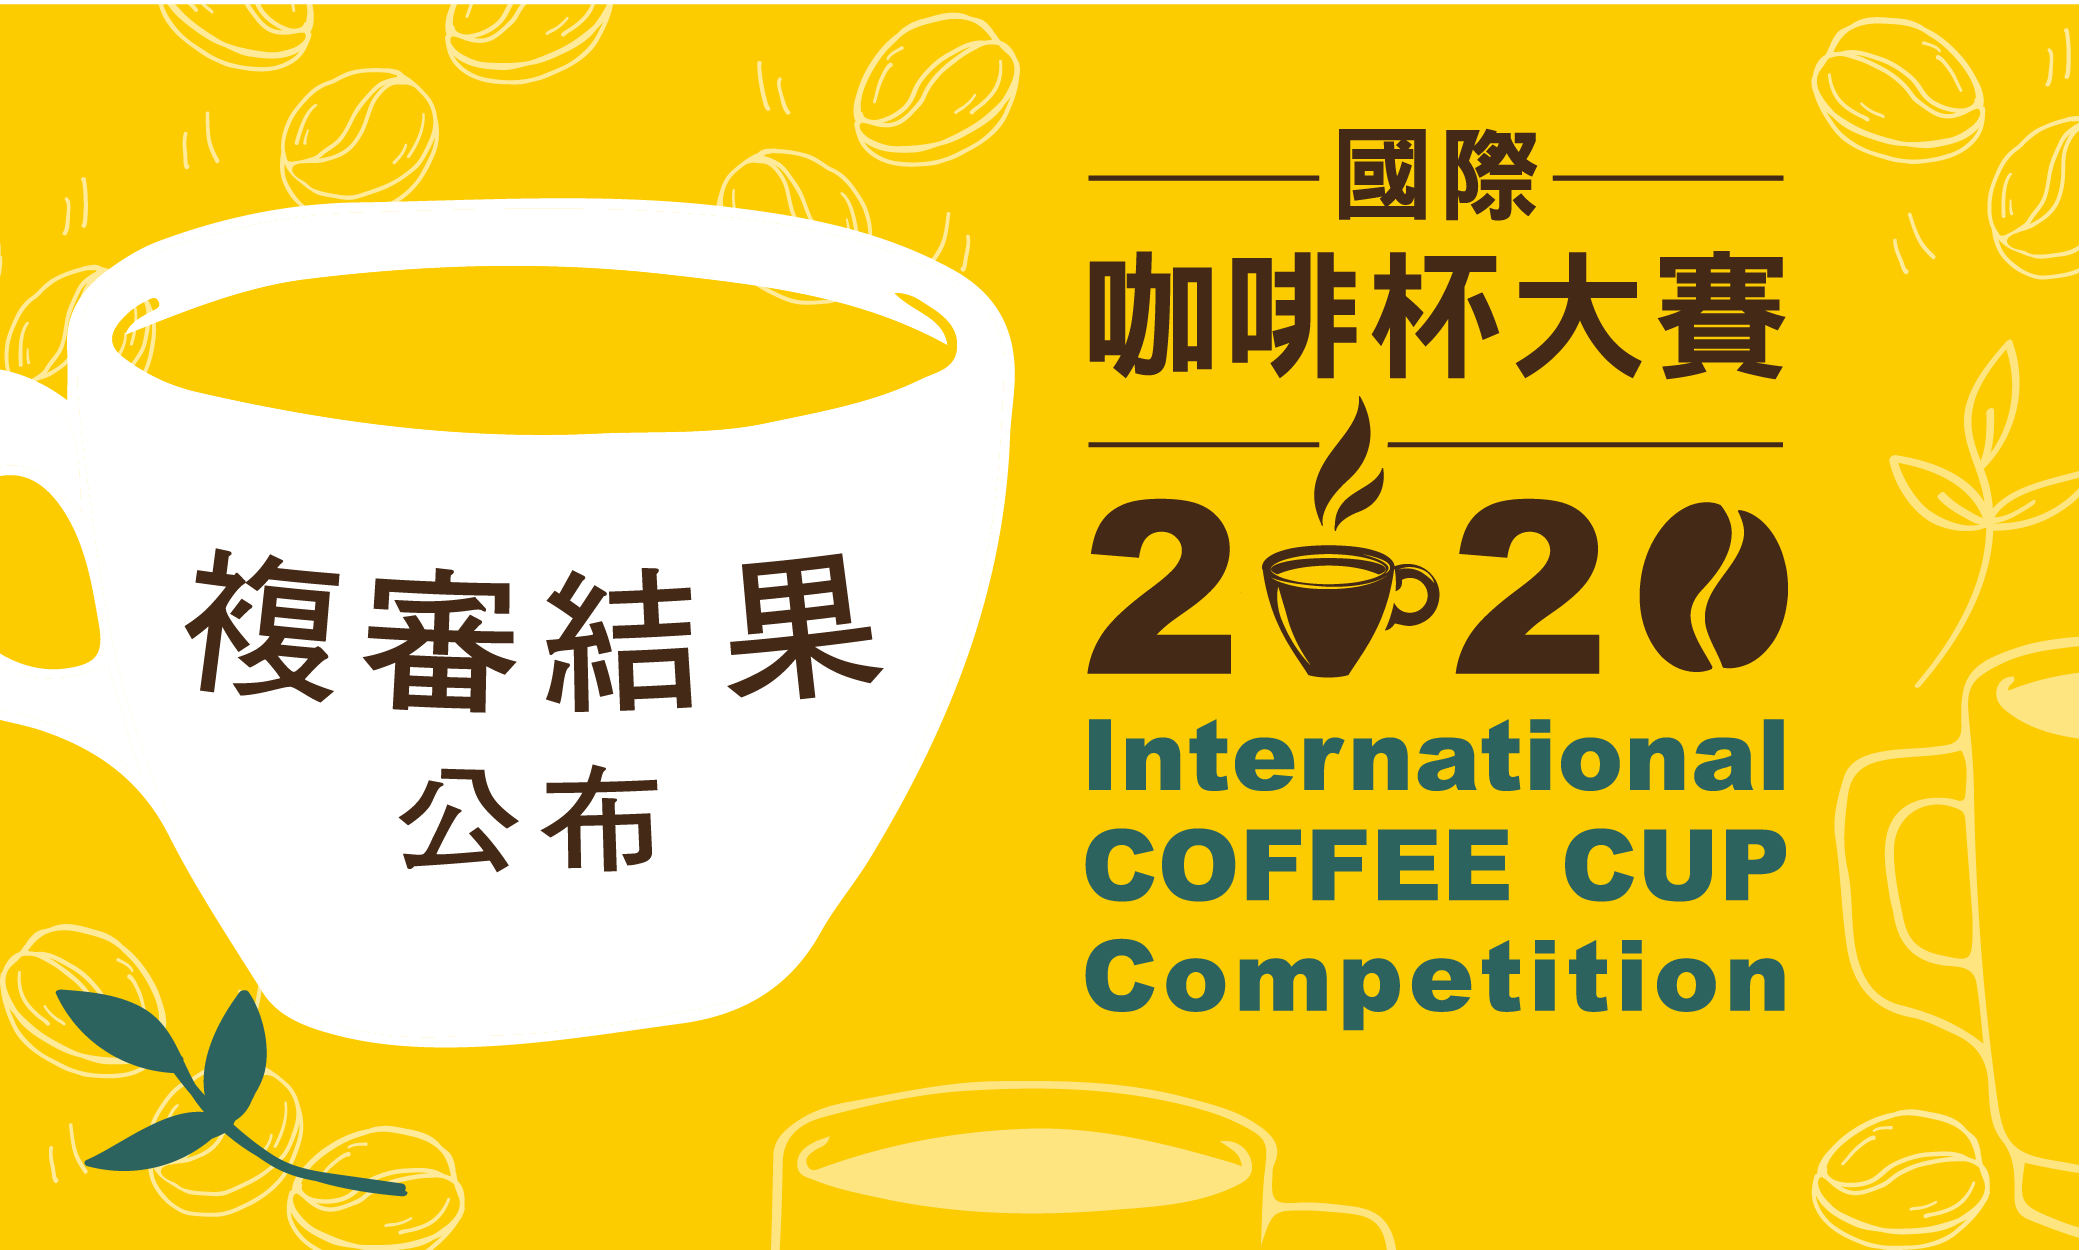 2020國際咖啡杯大賽複審結果